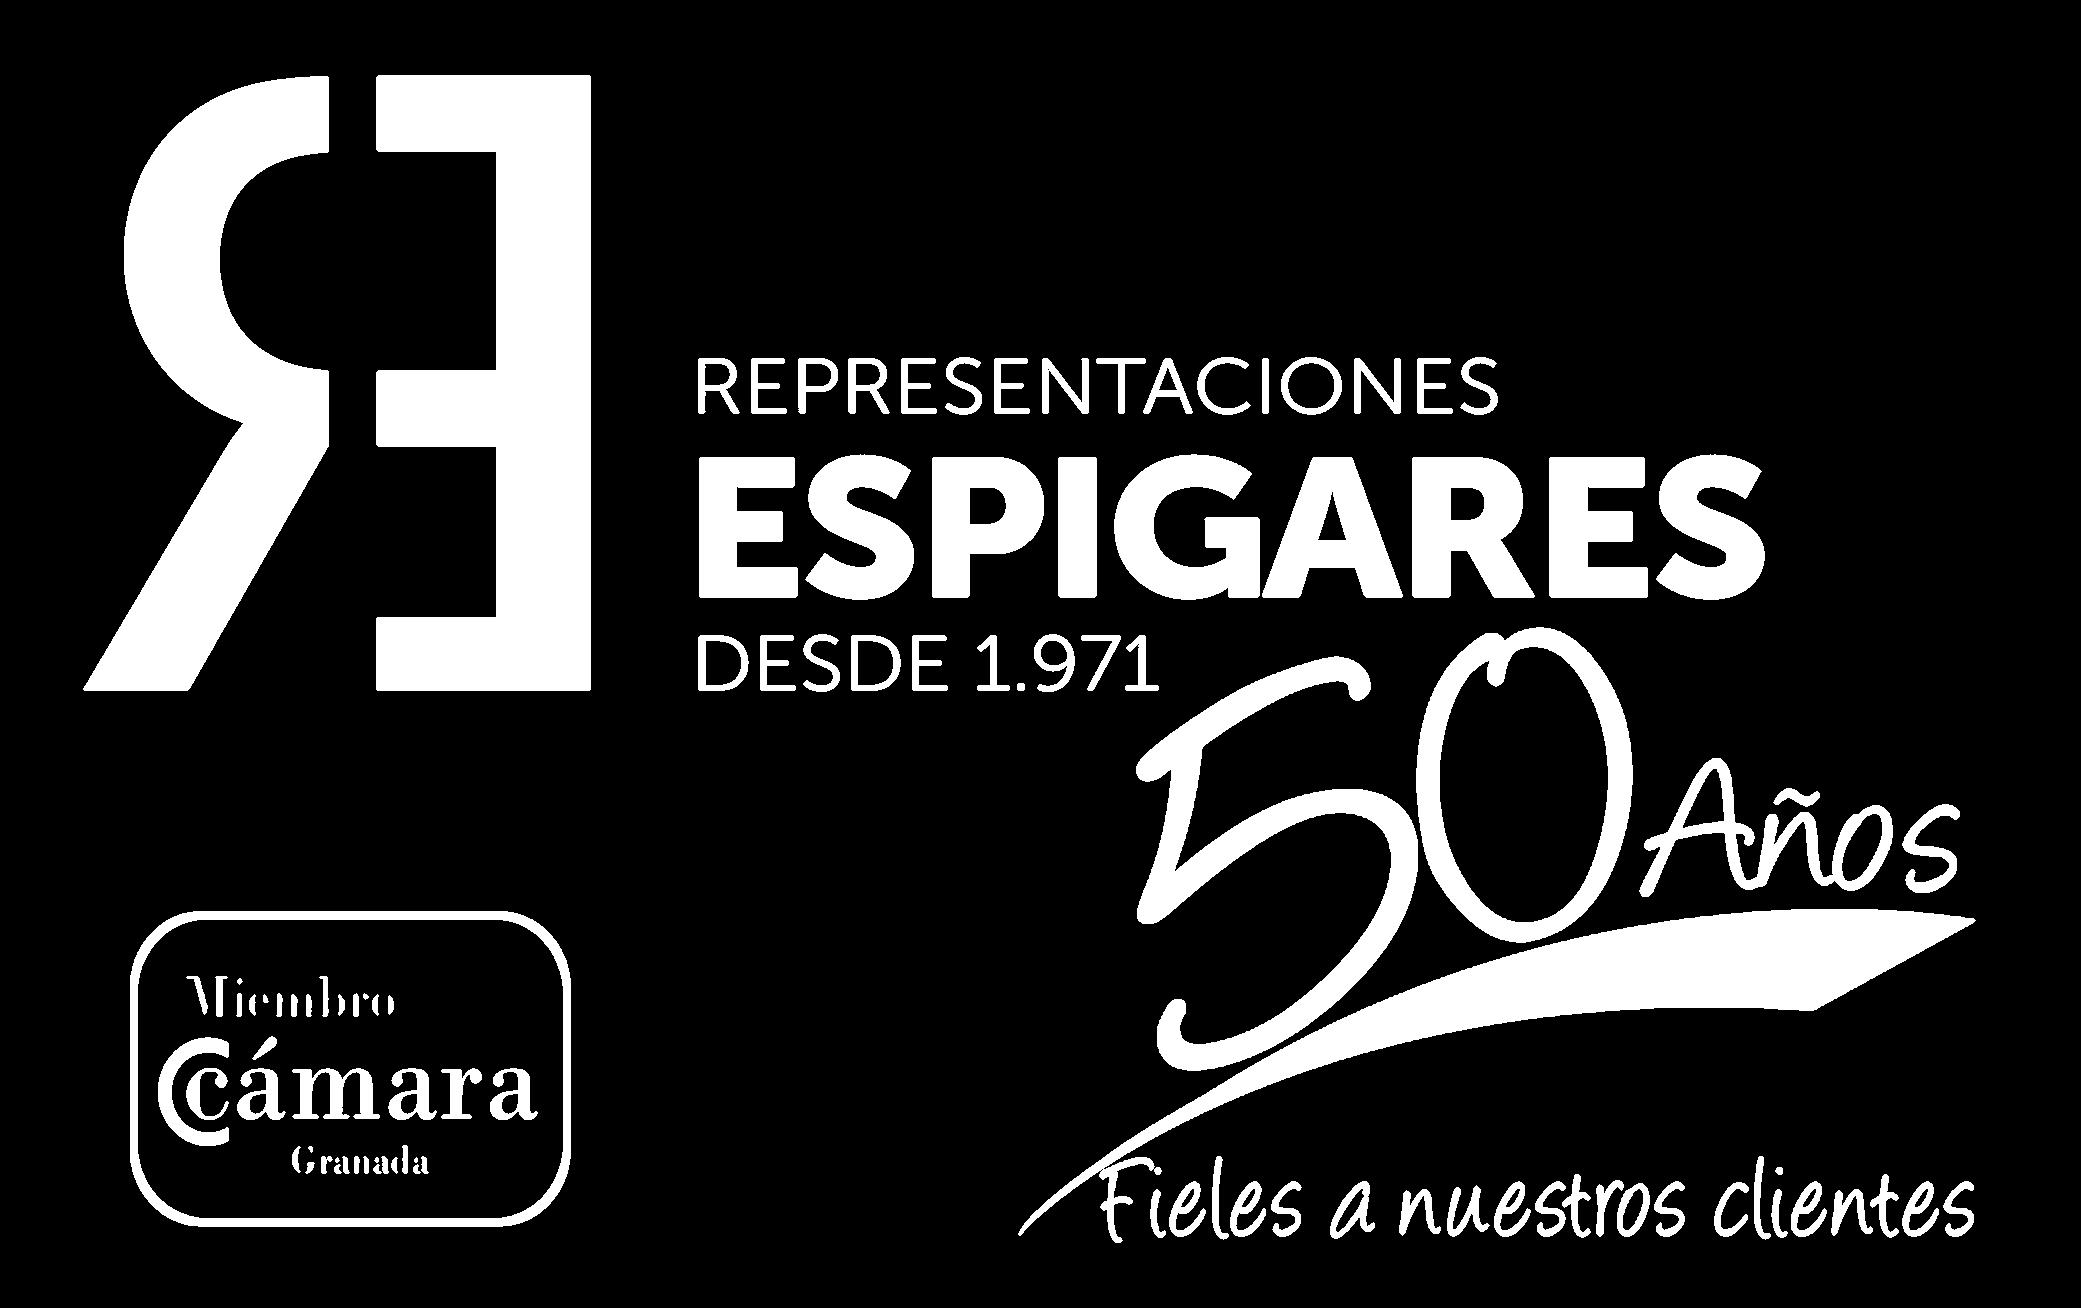 Representaciones Espigares